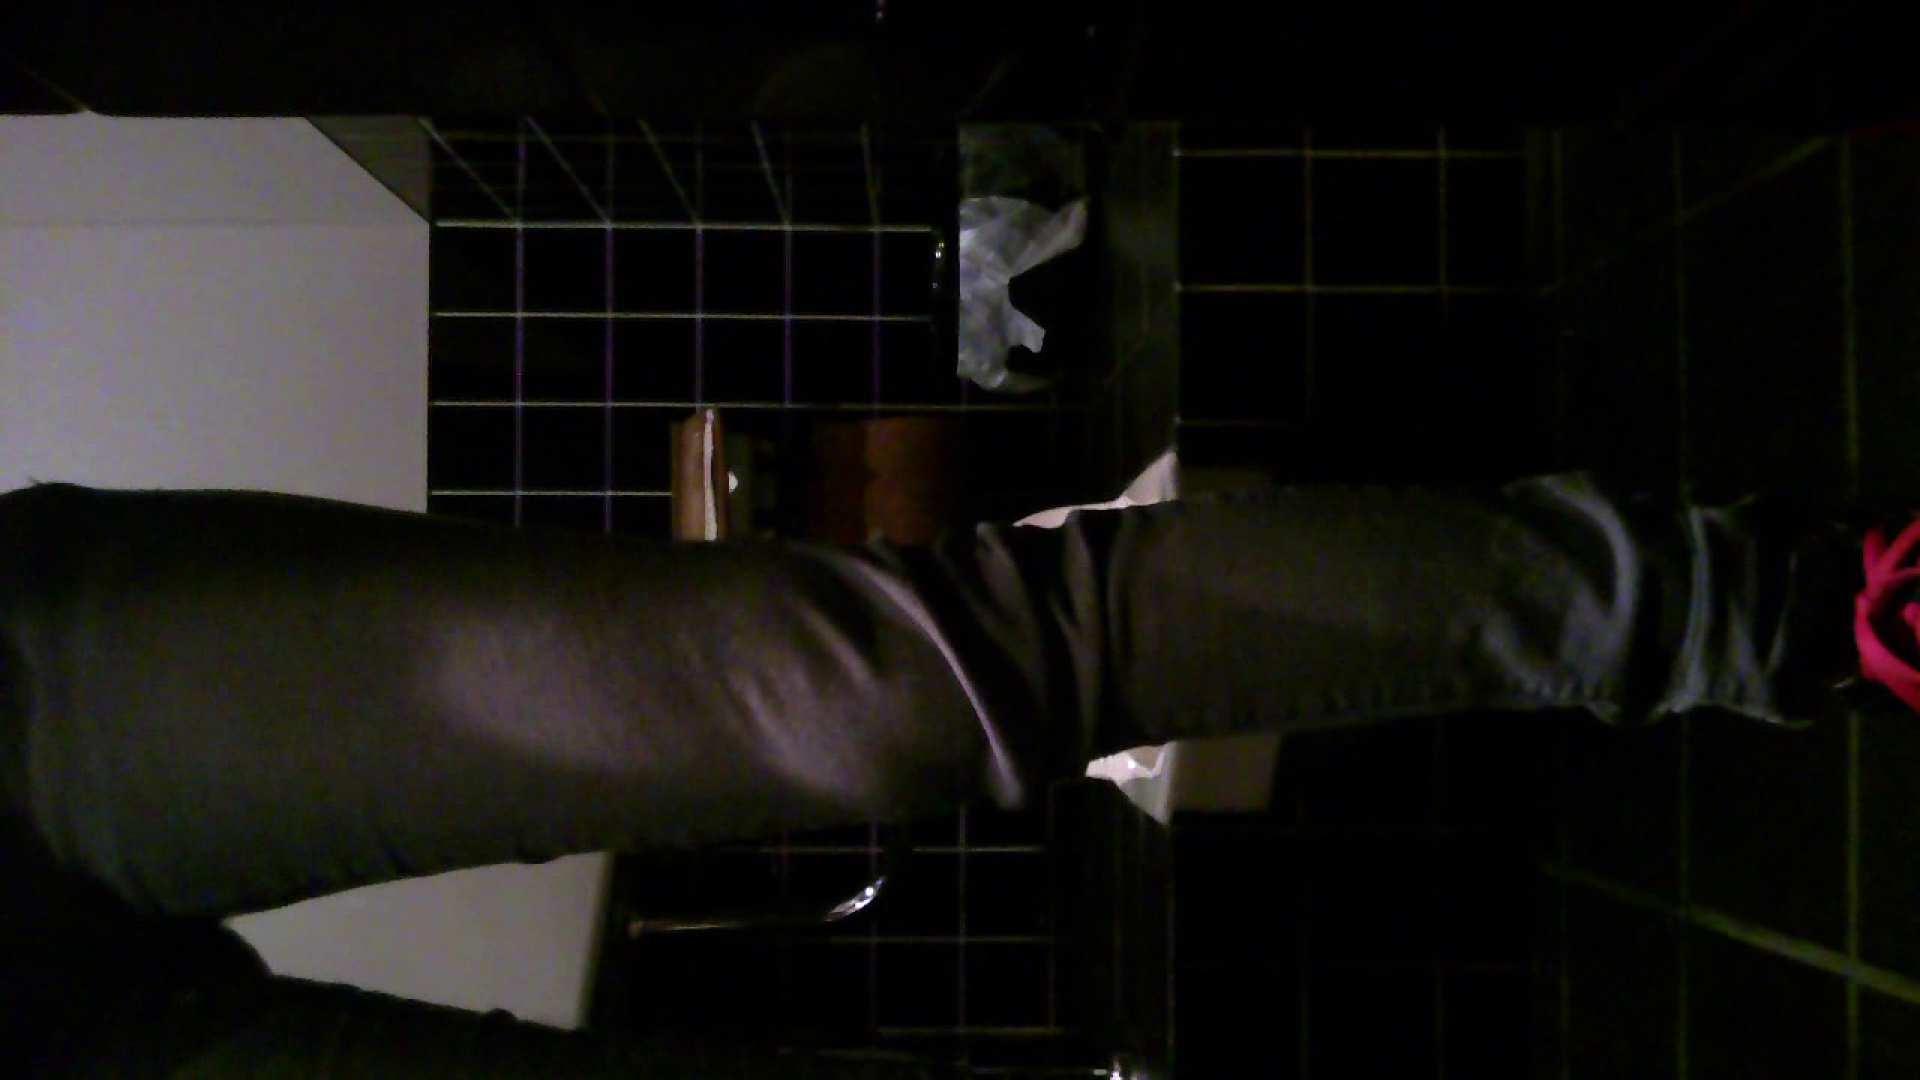 美女の集まる飲み屋洗面所 vol.02 OLエロ画像 隠し撮りAV無料 99PICs 12